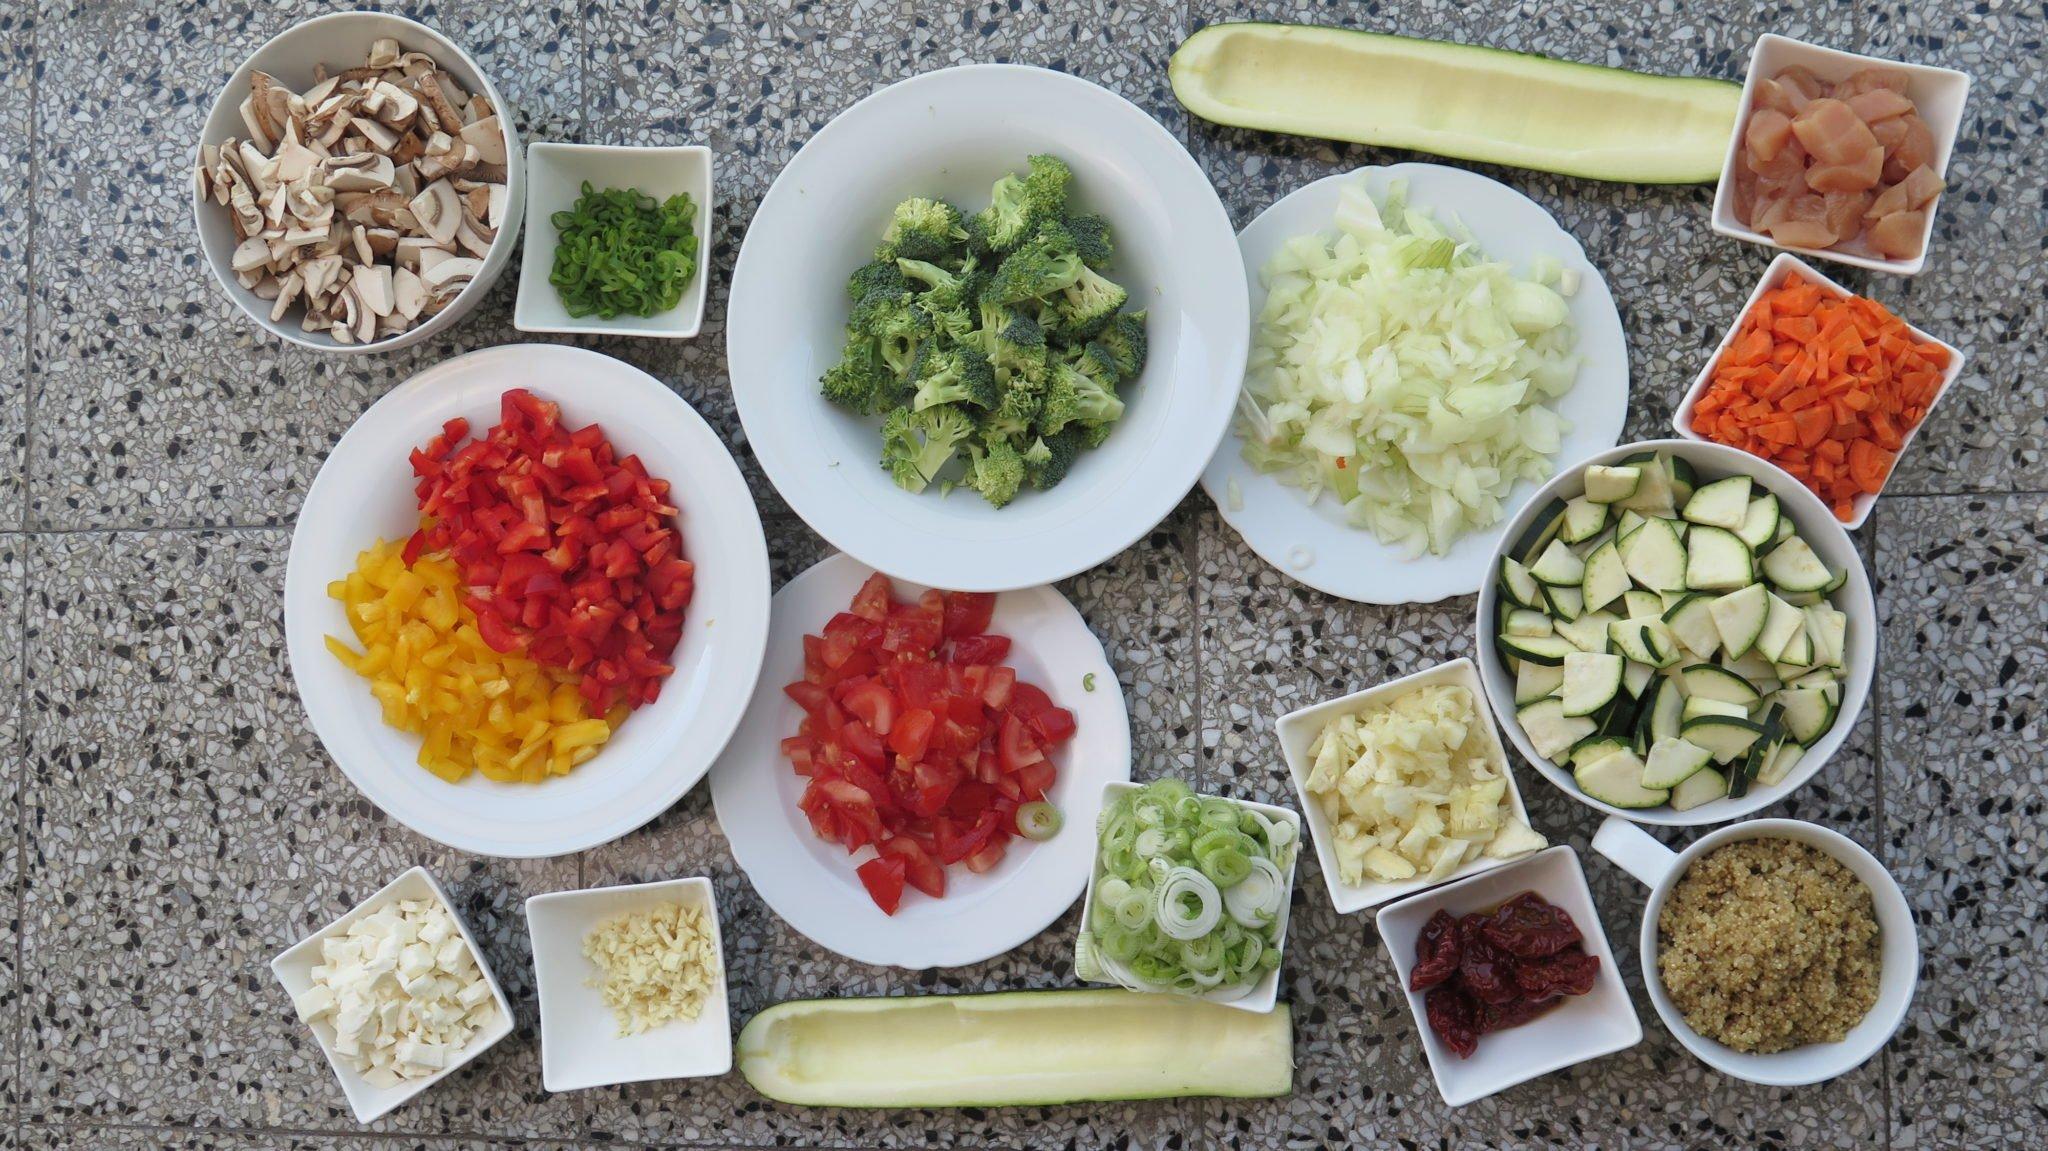 Unsere Vorbereitung für das Meal Prep Wochenrezept #5